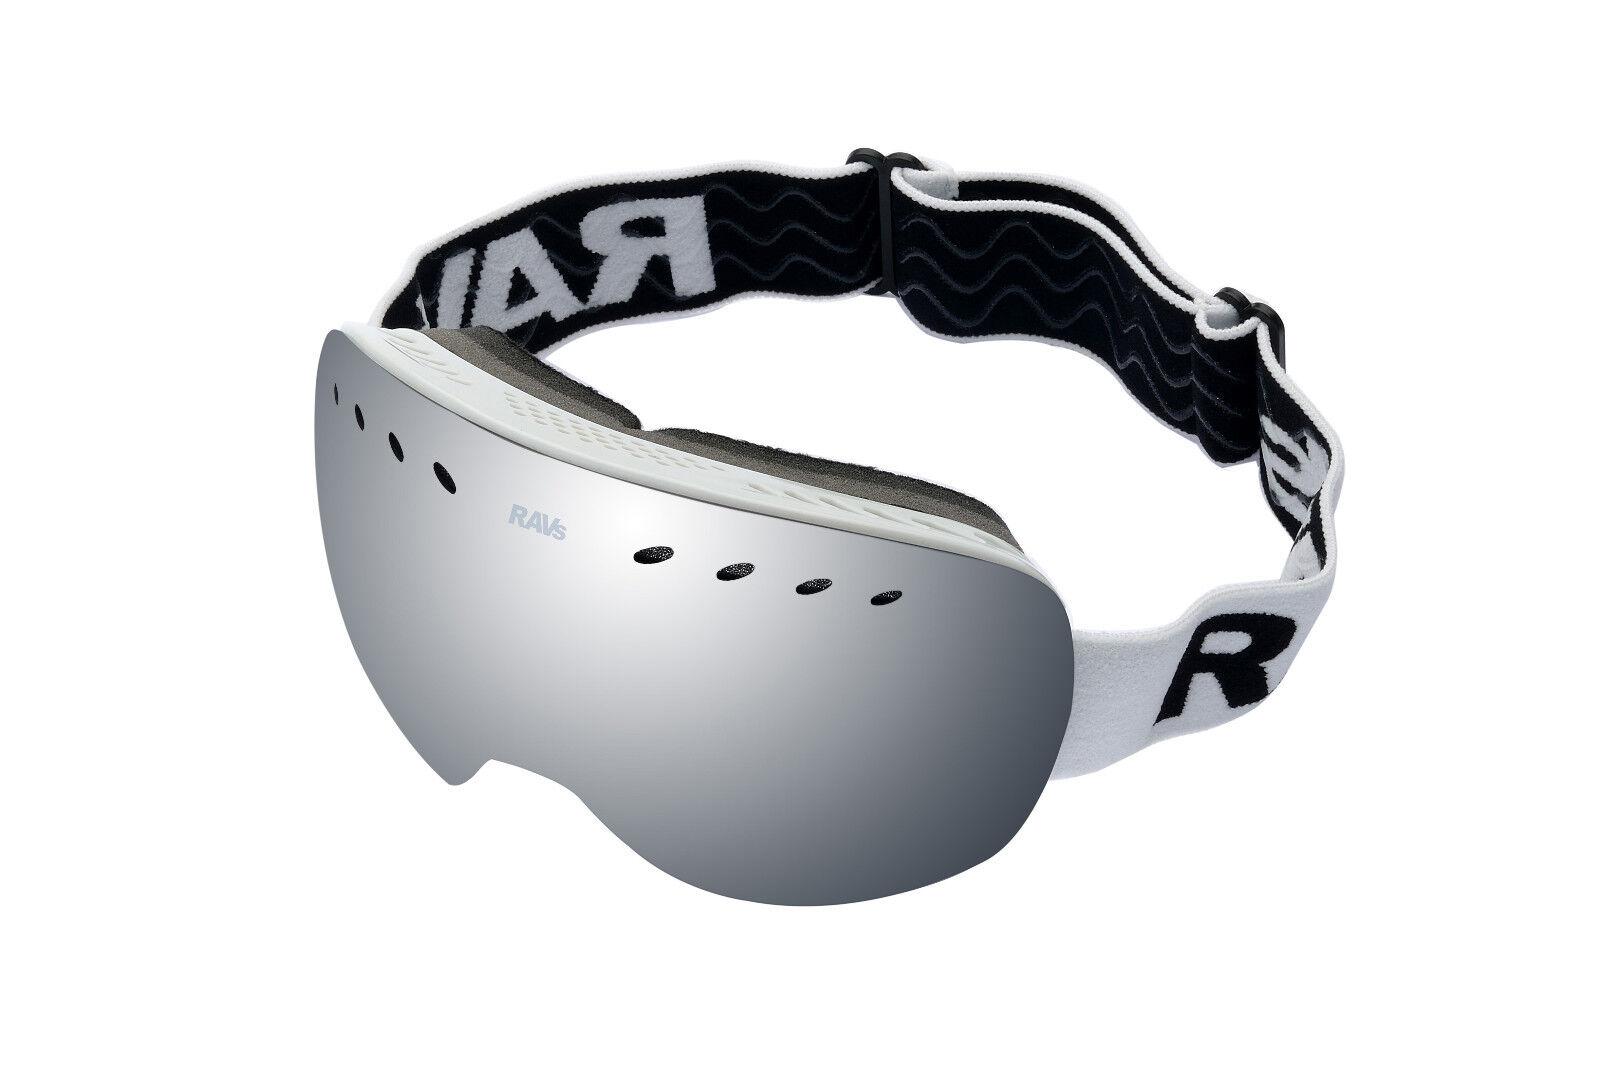 Ravs  Skibrille Schutzbrille Snowboardbrille Bergbrille    auch für Brillenträger  | Auf Verkauf  9c4042